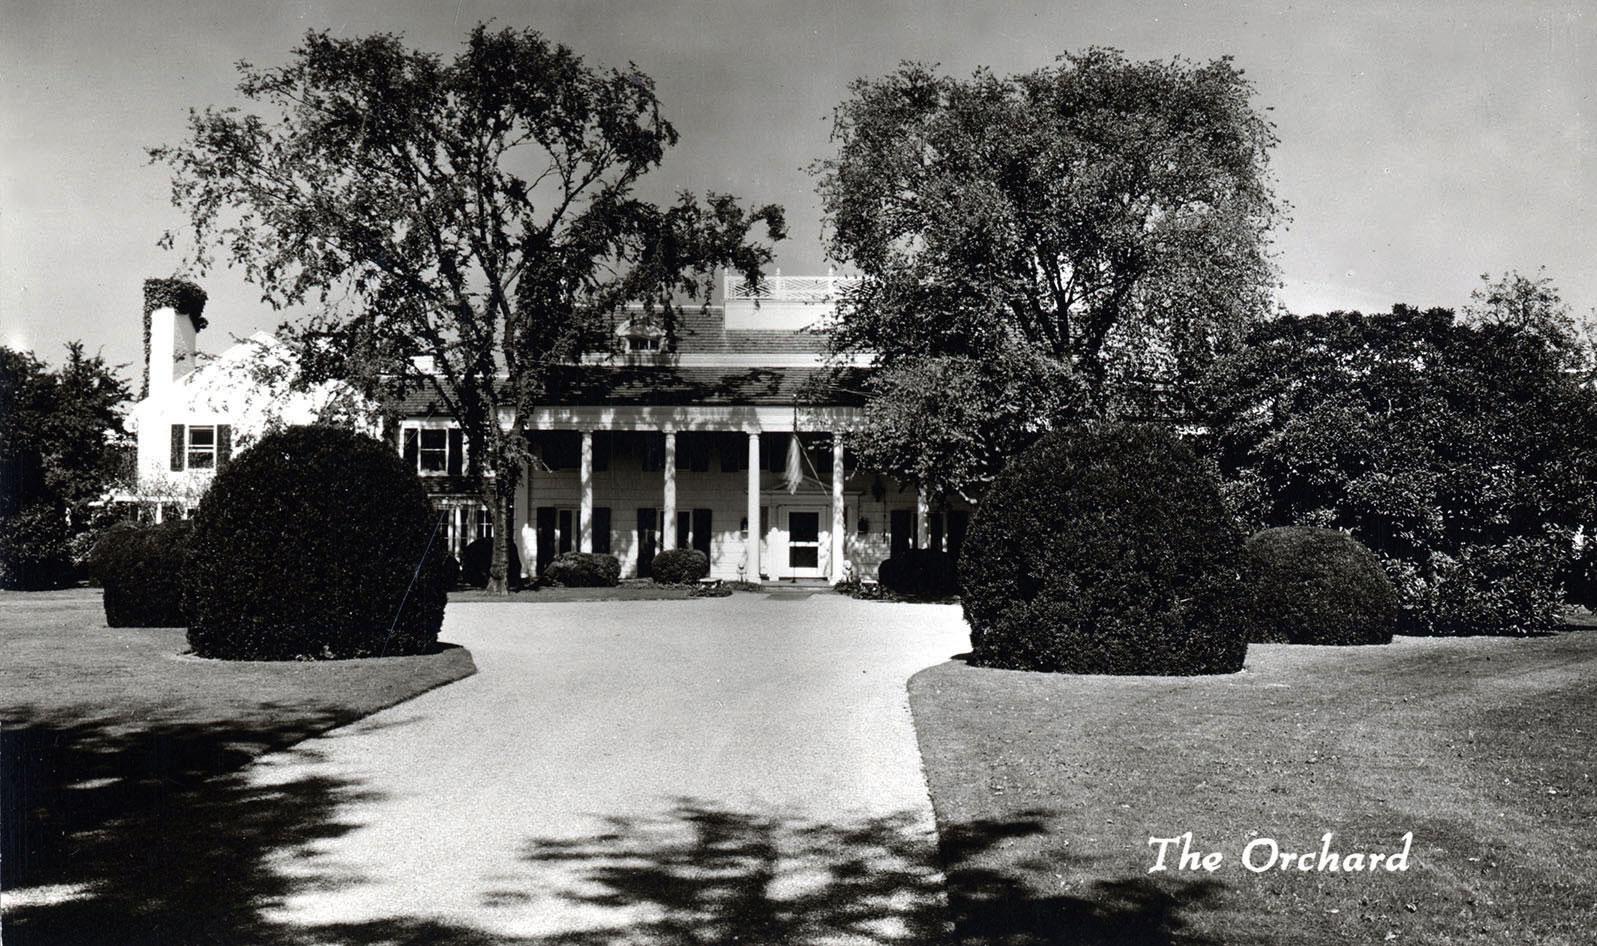 Поместье Меррилла Orchard внесено в список национальных исторических памятников США